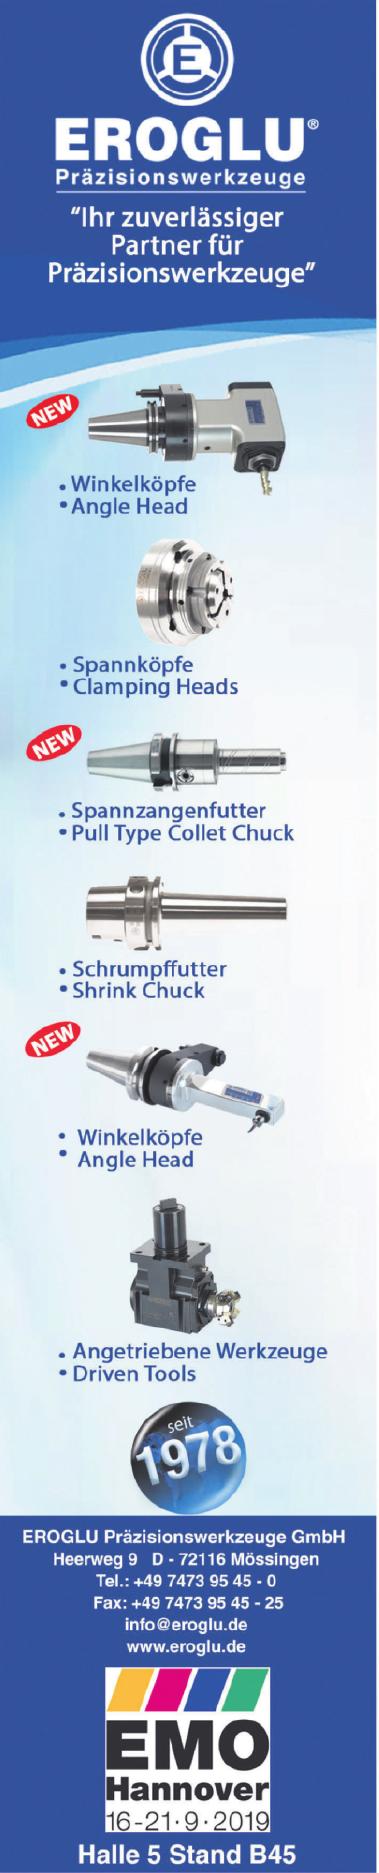 Eroglu Präzisionswerkzeuge GmbH